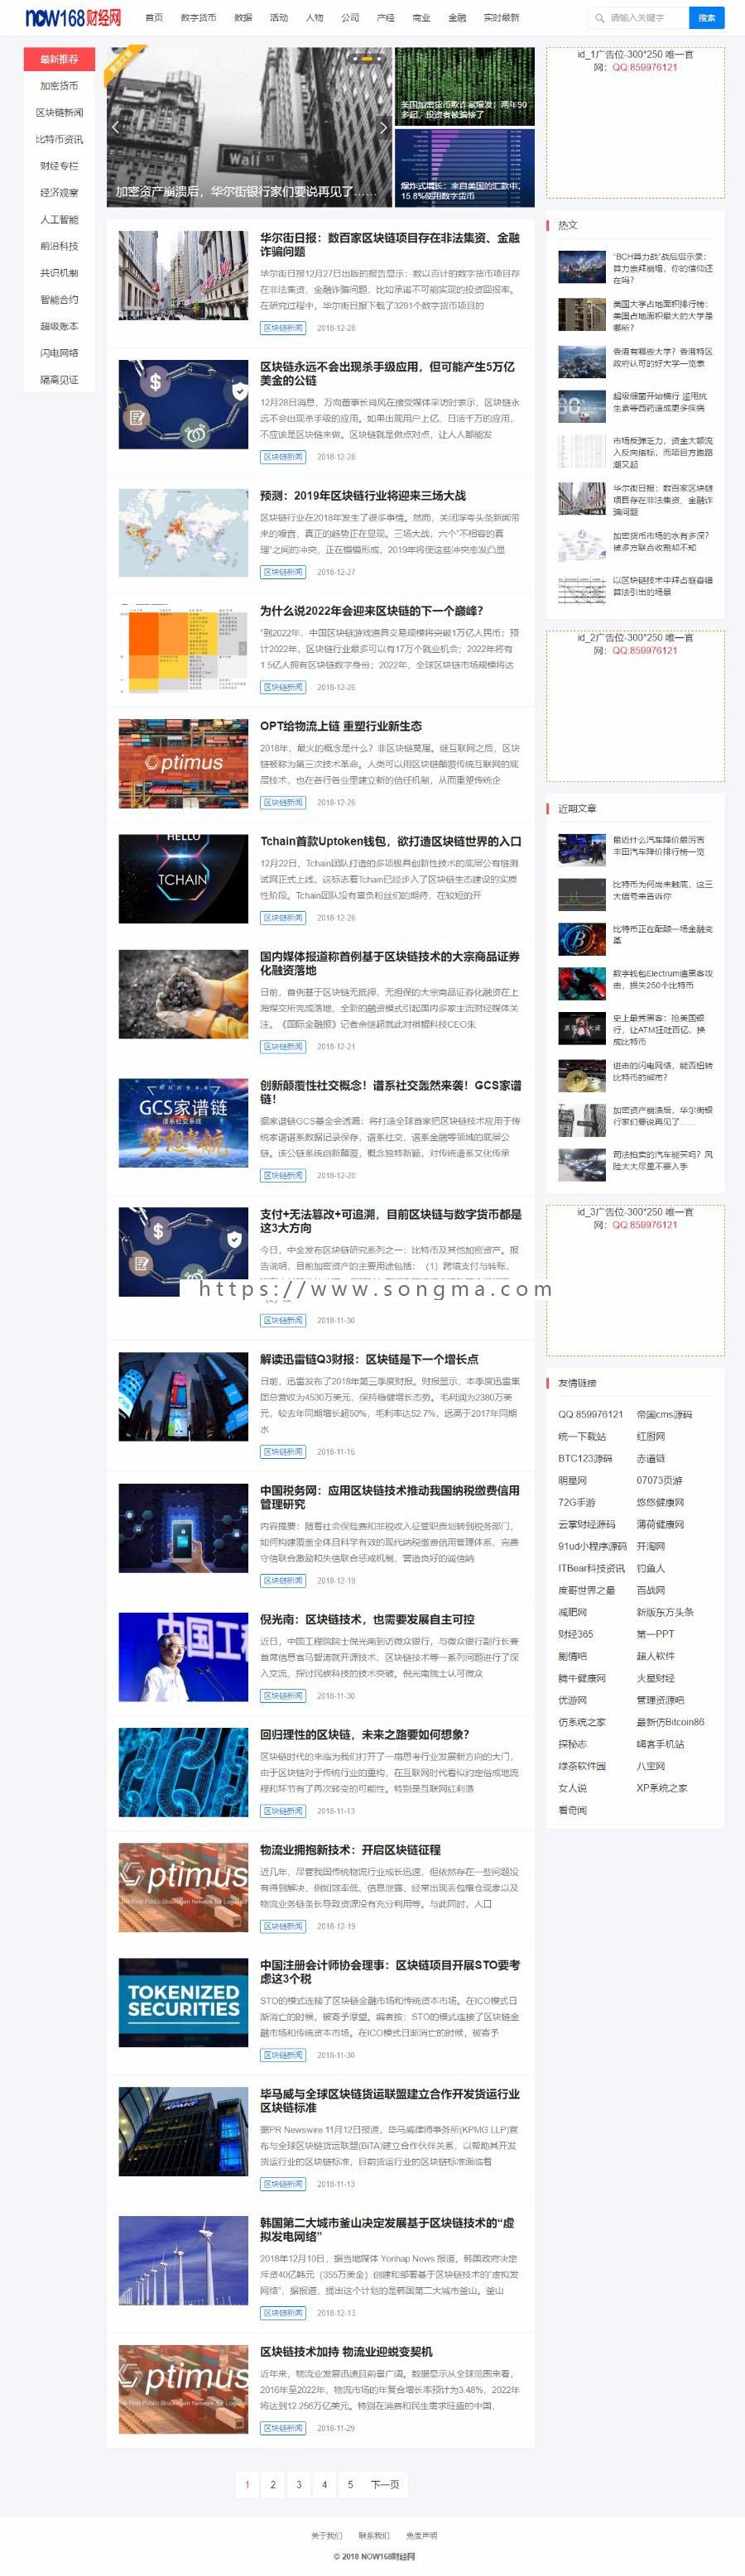 仿《now168财经网》源码 财经自适应资讯网站模板 帝国cms内核 带采集